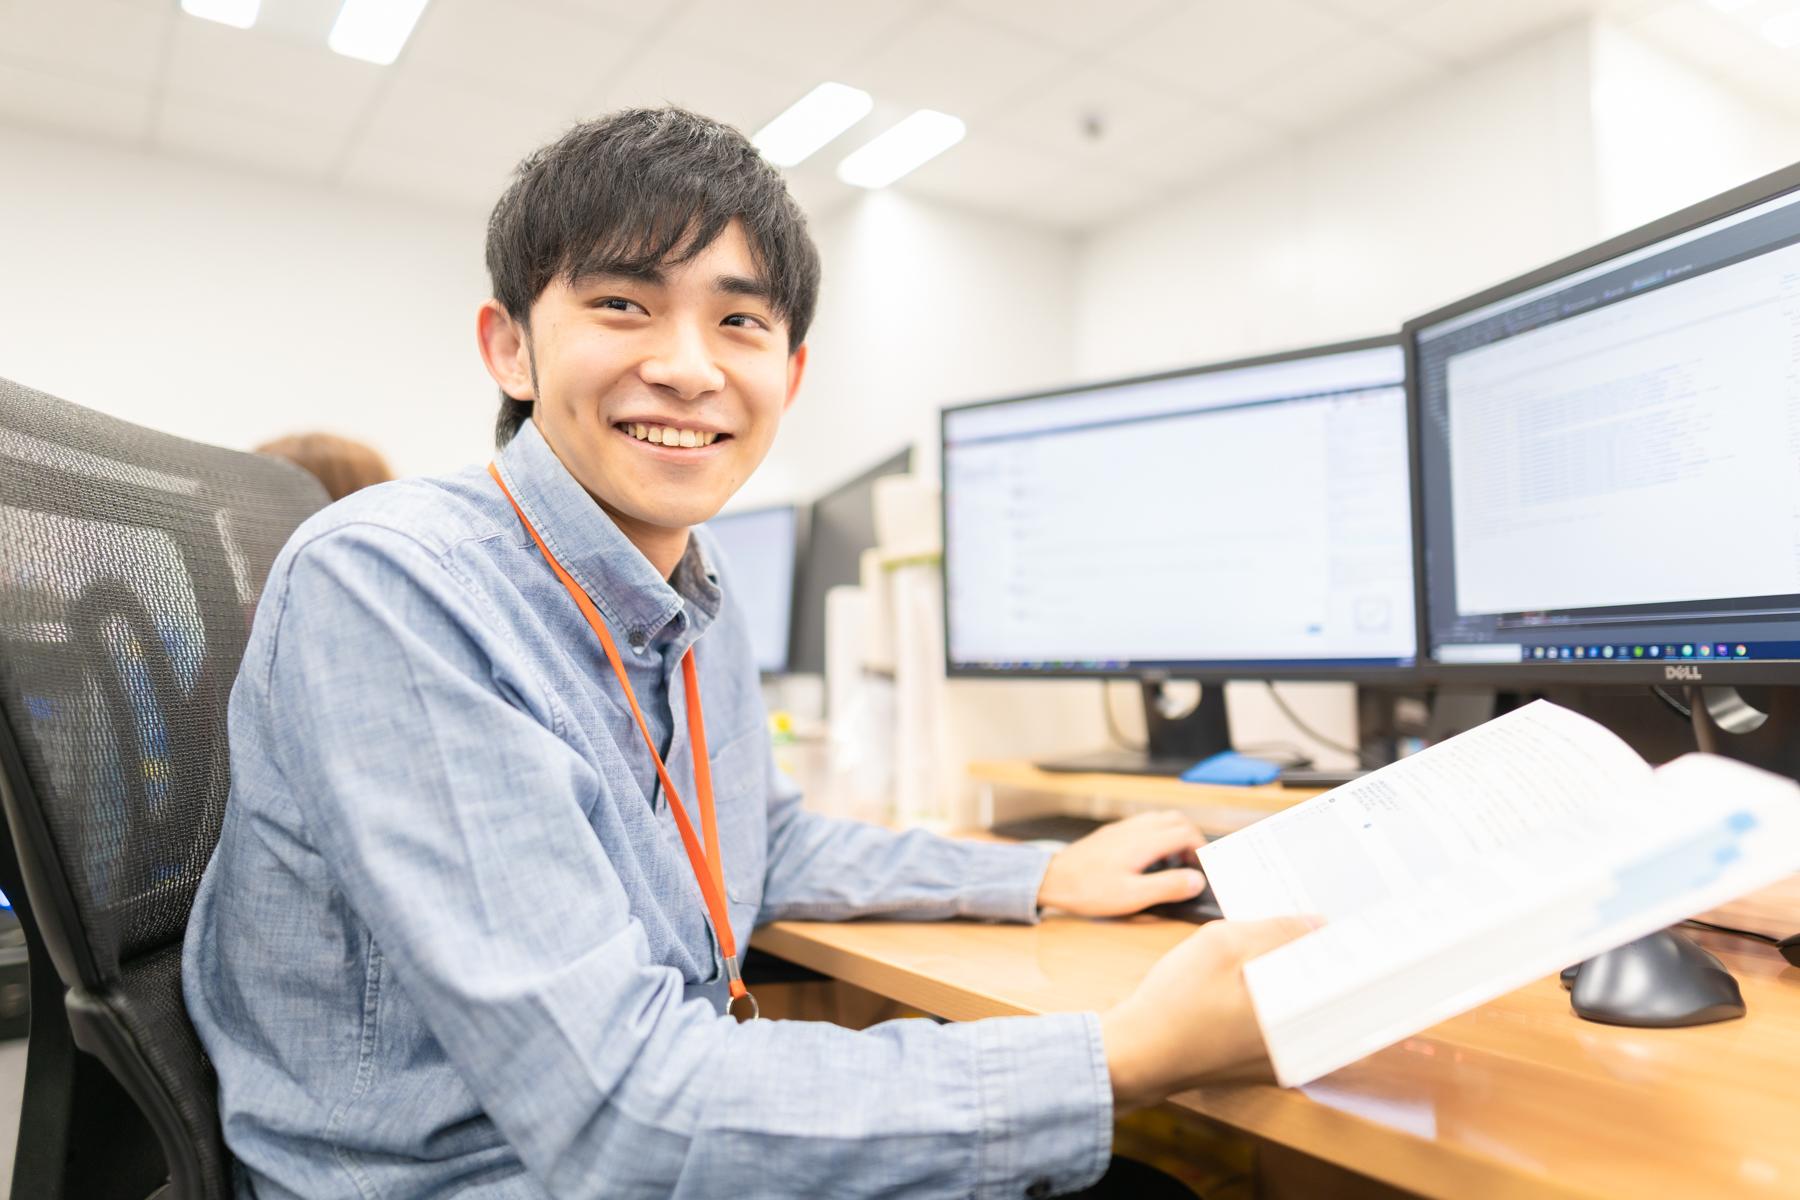 新卒エンジニア(22卒)